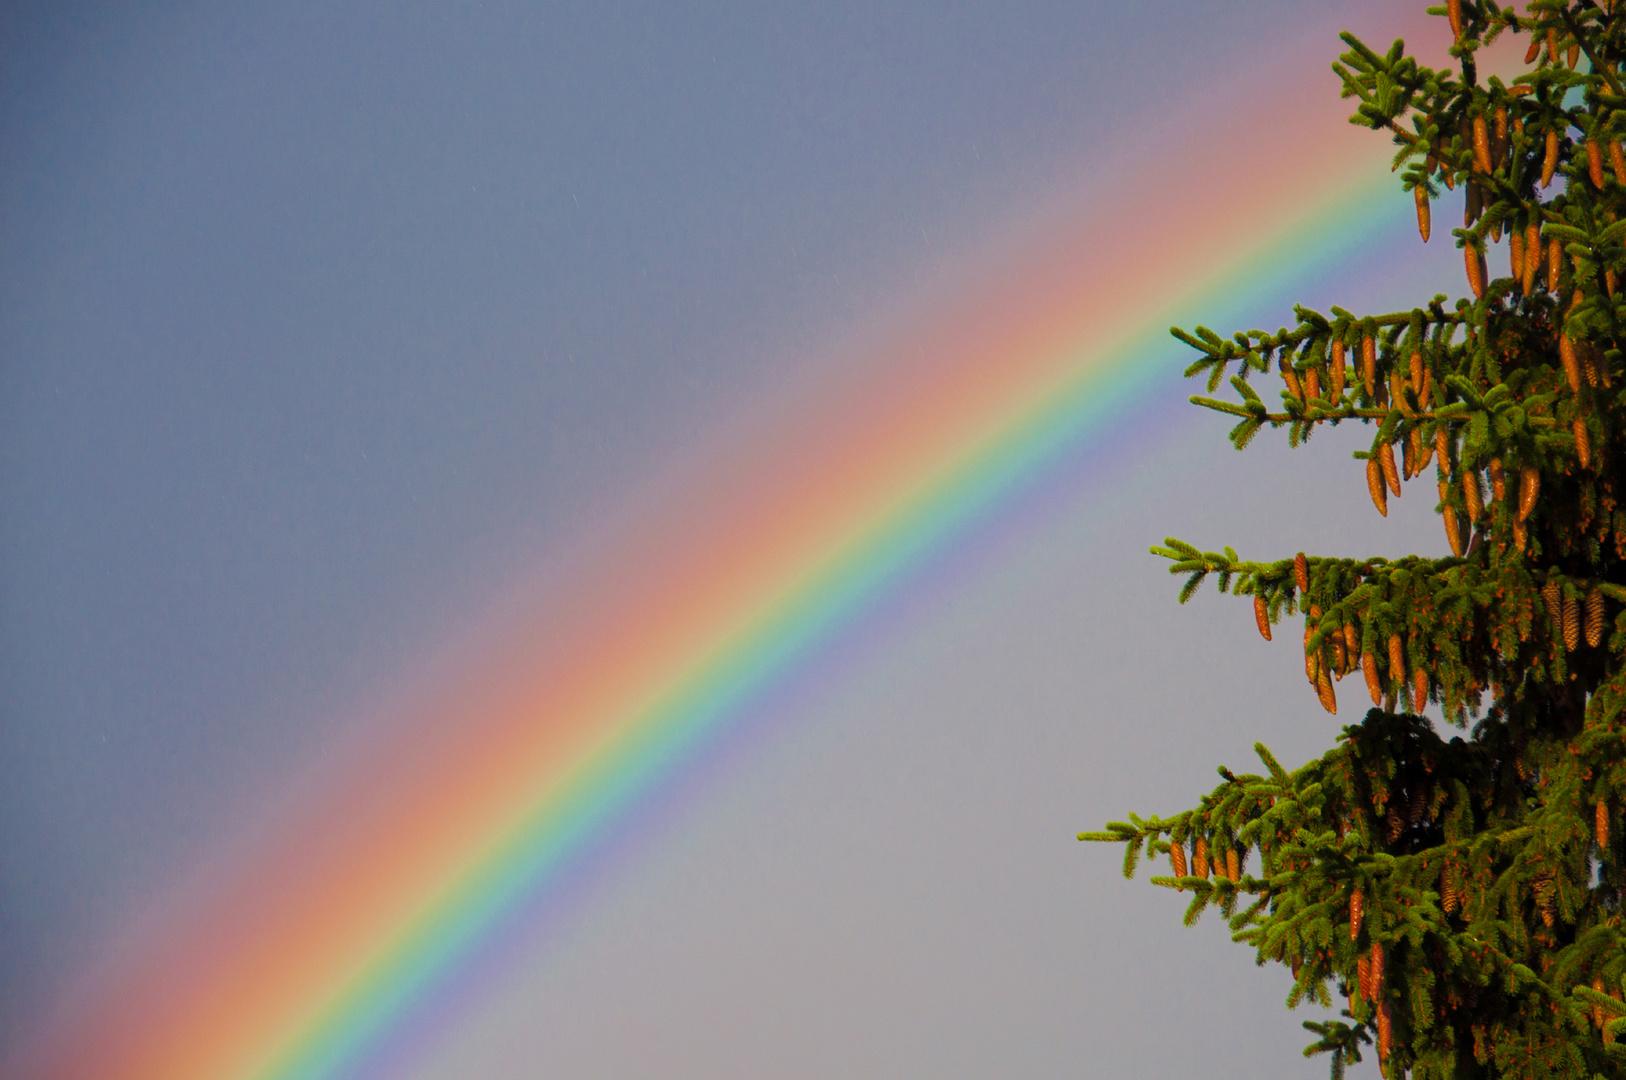 regenbogenfarben foto bild opt ph nomene der atmosph re himmel universum regenbogen. Black Bedroom Furniture Sets. Home Design Ideas